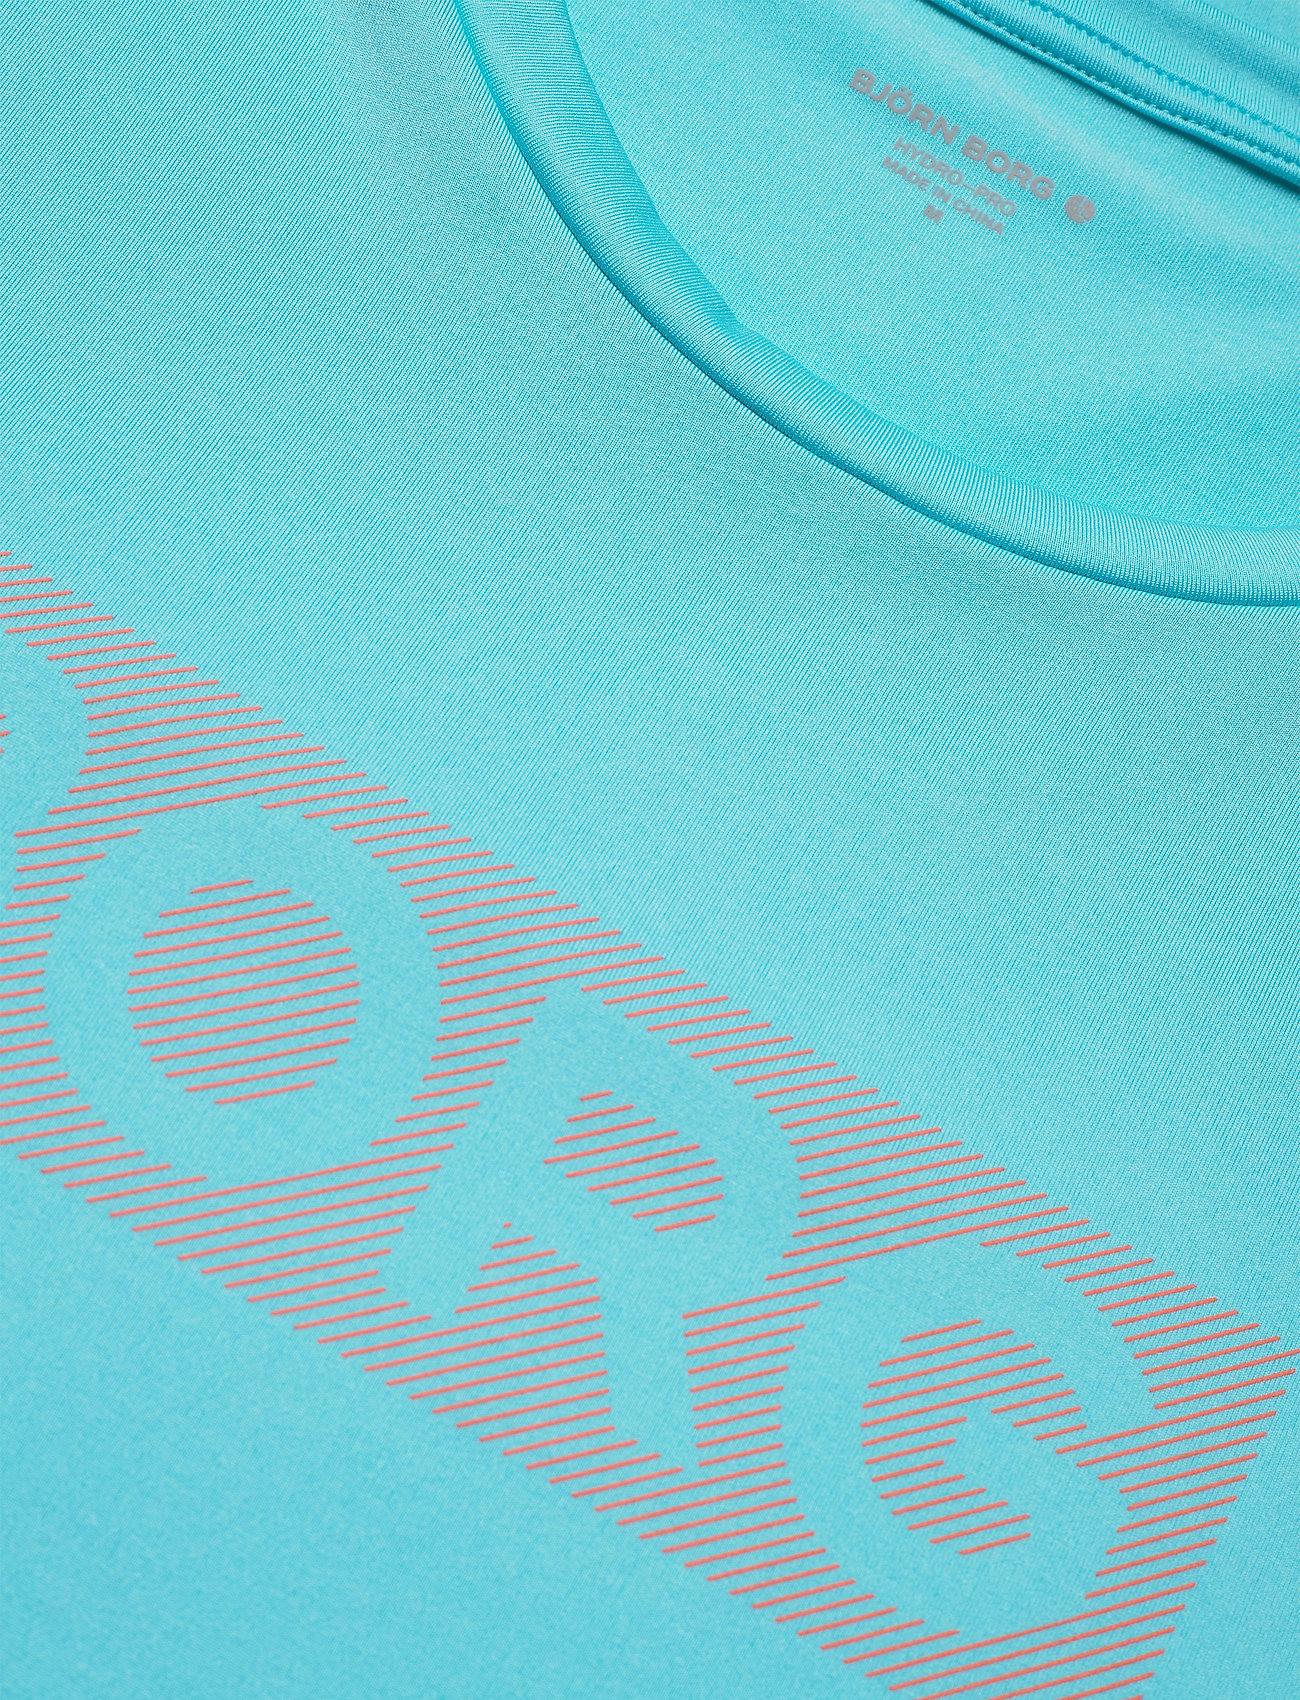 Björn Borg PERF TEE INGEMAR INGEMAR - T-skjorter BLUE FISH - Menn Klær